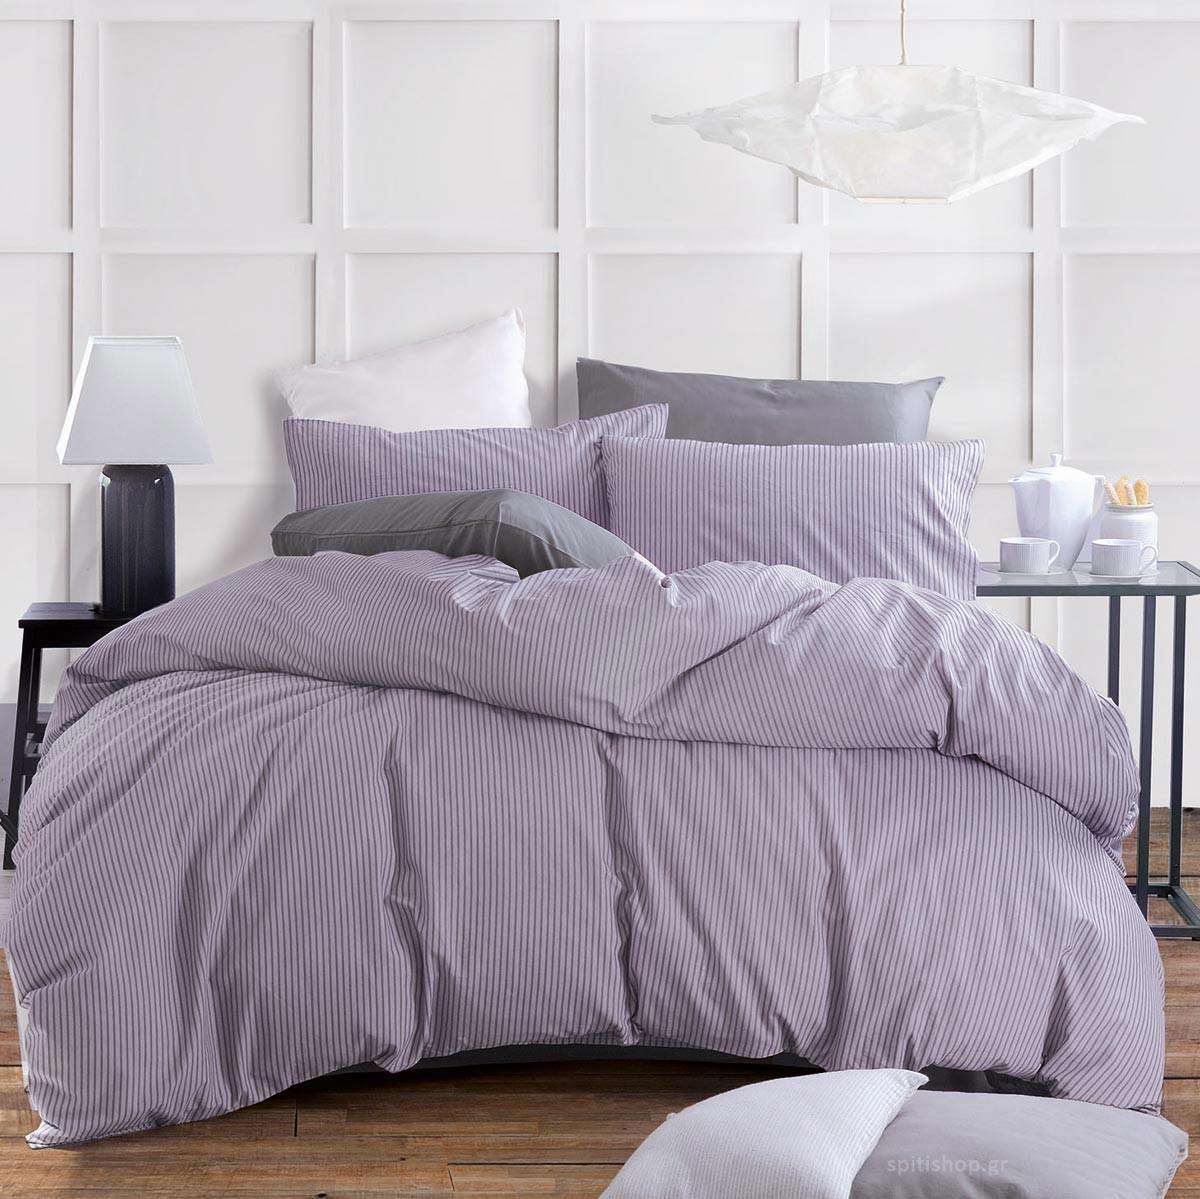 Κουβερλί Υπέρδιπλο (Σετ) Rythmos Diva Renny Purple